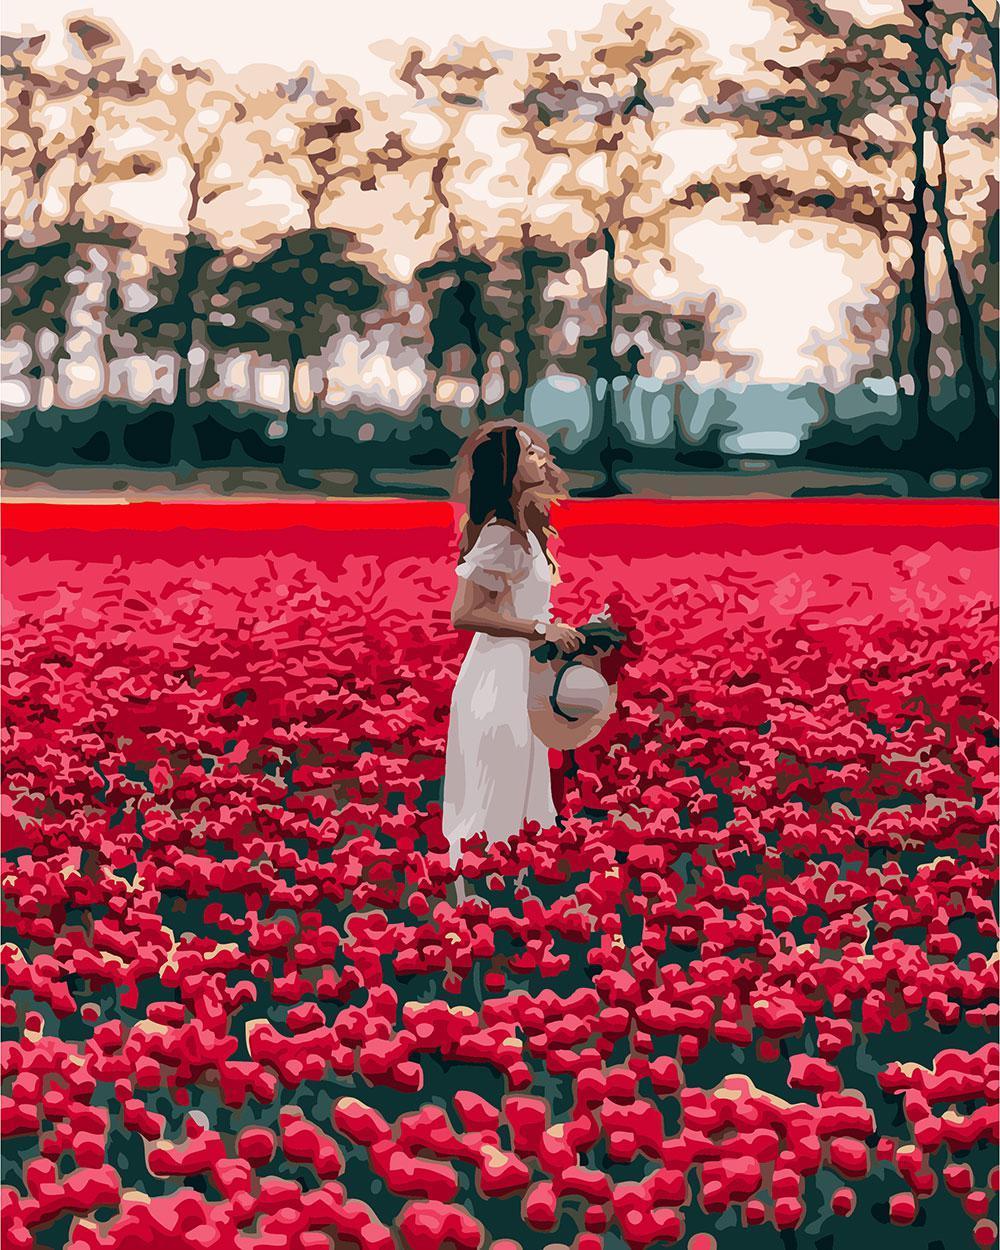 Картина за номерами Червоне поле 40 х 50 см (BRM24932)